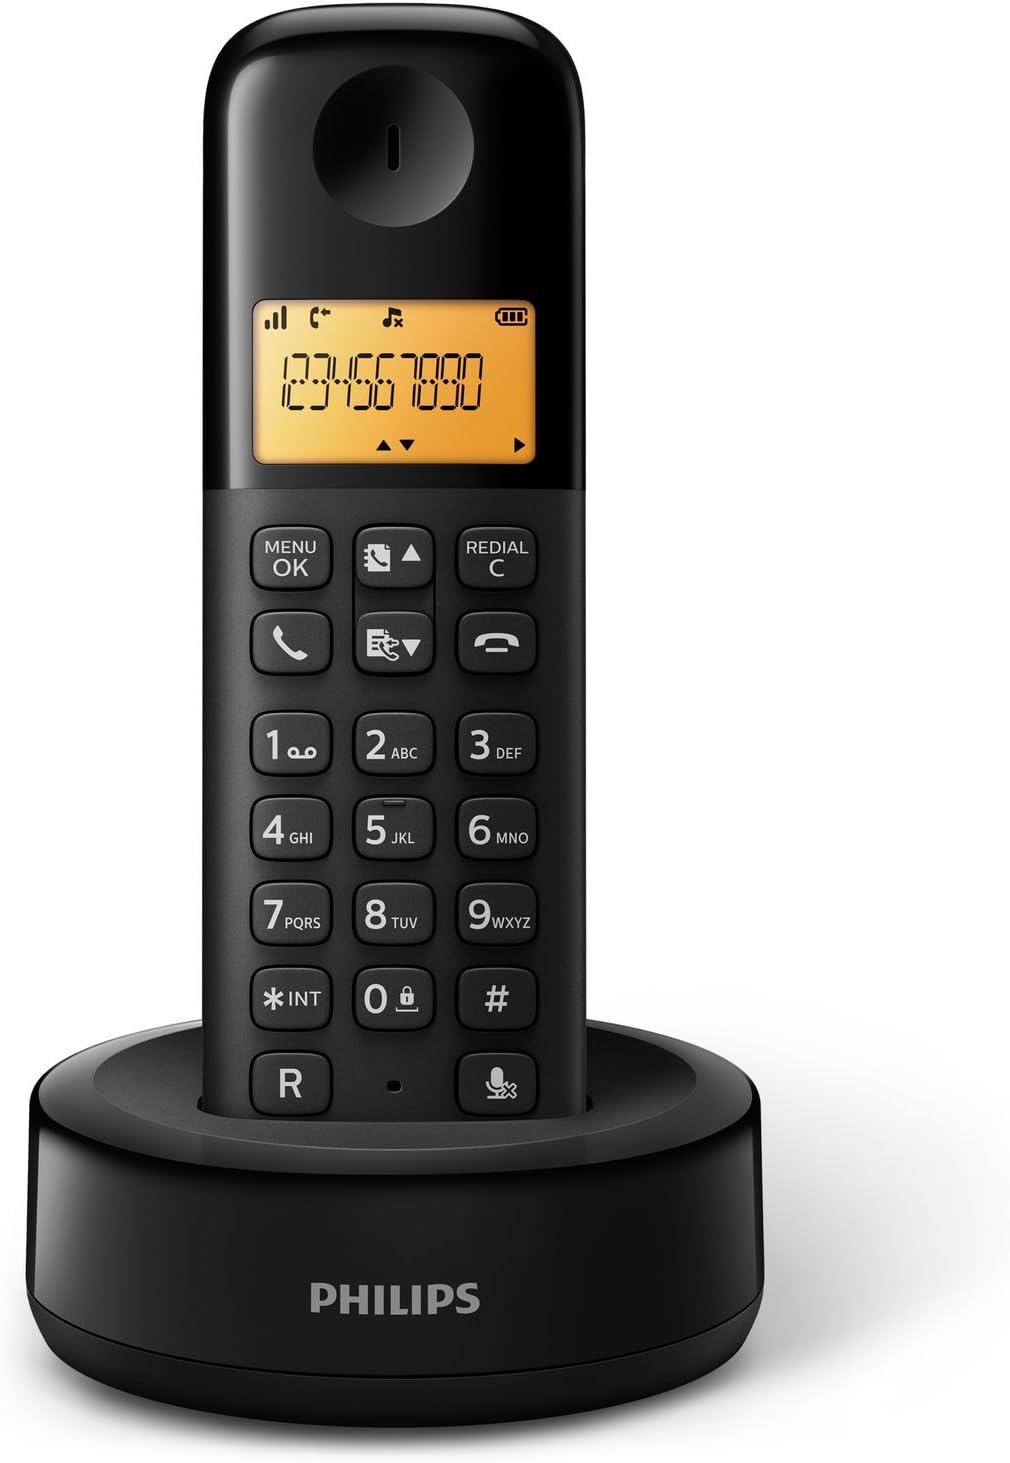 Philips D1301B - Teléfono inalámbrico con pantalla iluminada de 4.1 cm, 10hrs conversación, Negro, 1 Pieza